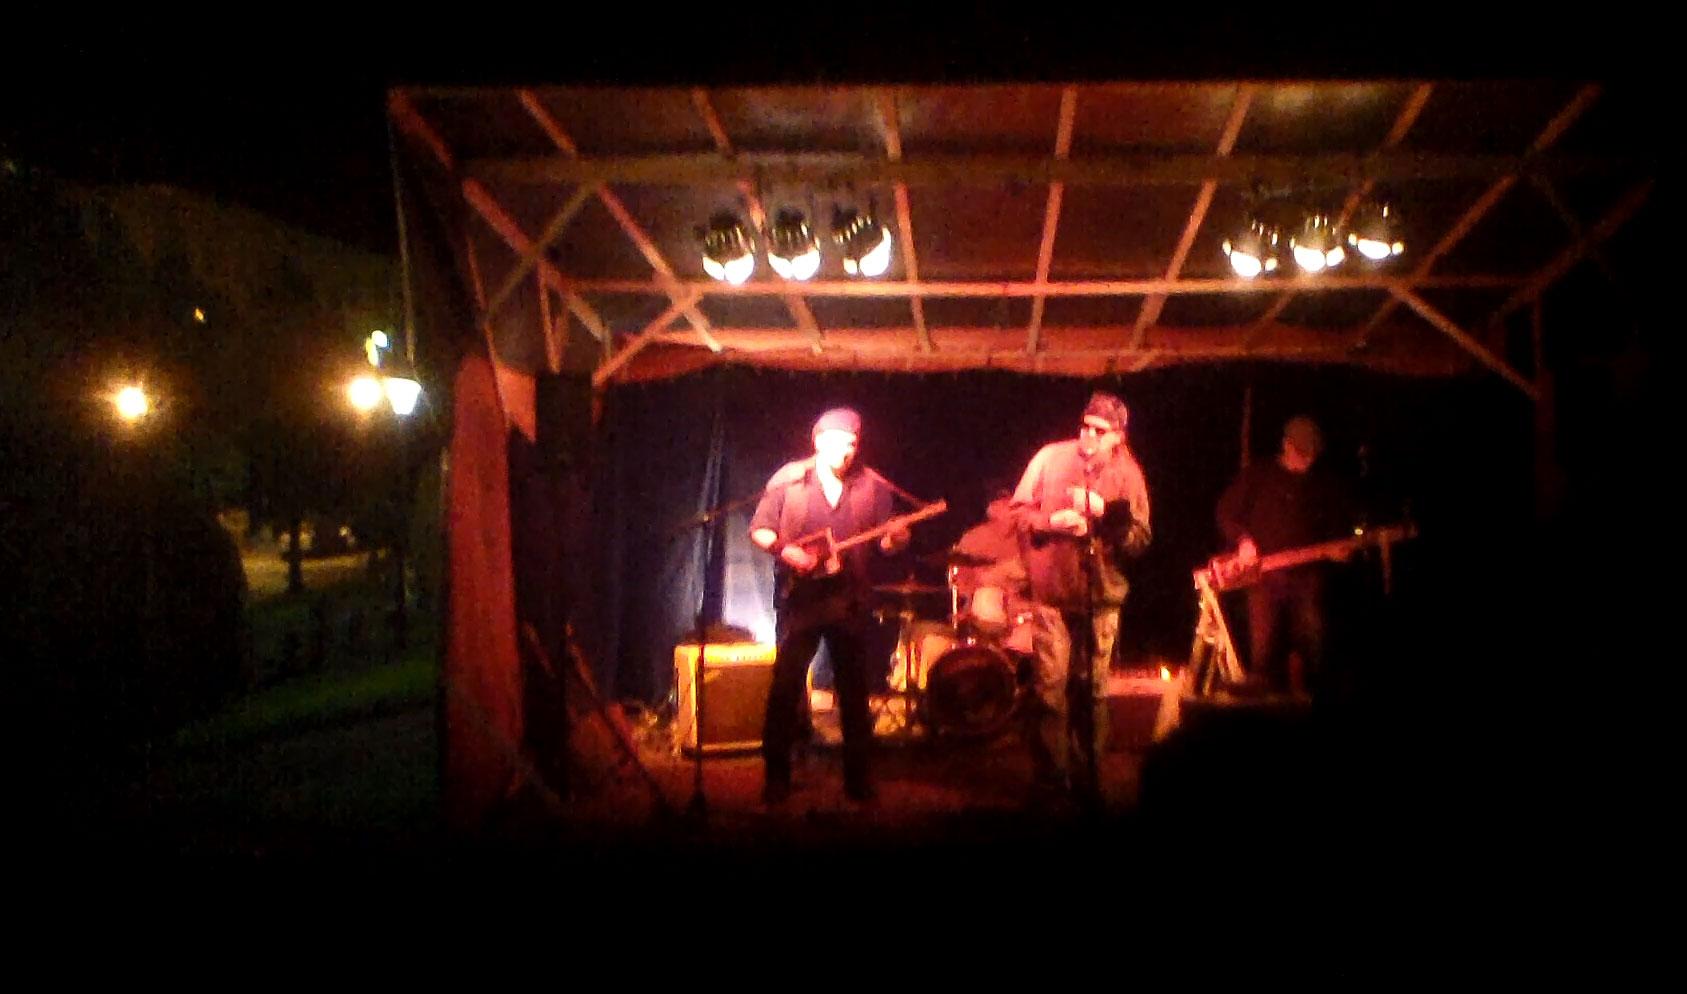 Video still Alwest Festival La Chaux-de-Fonds